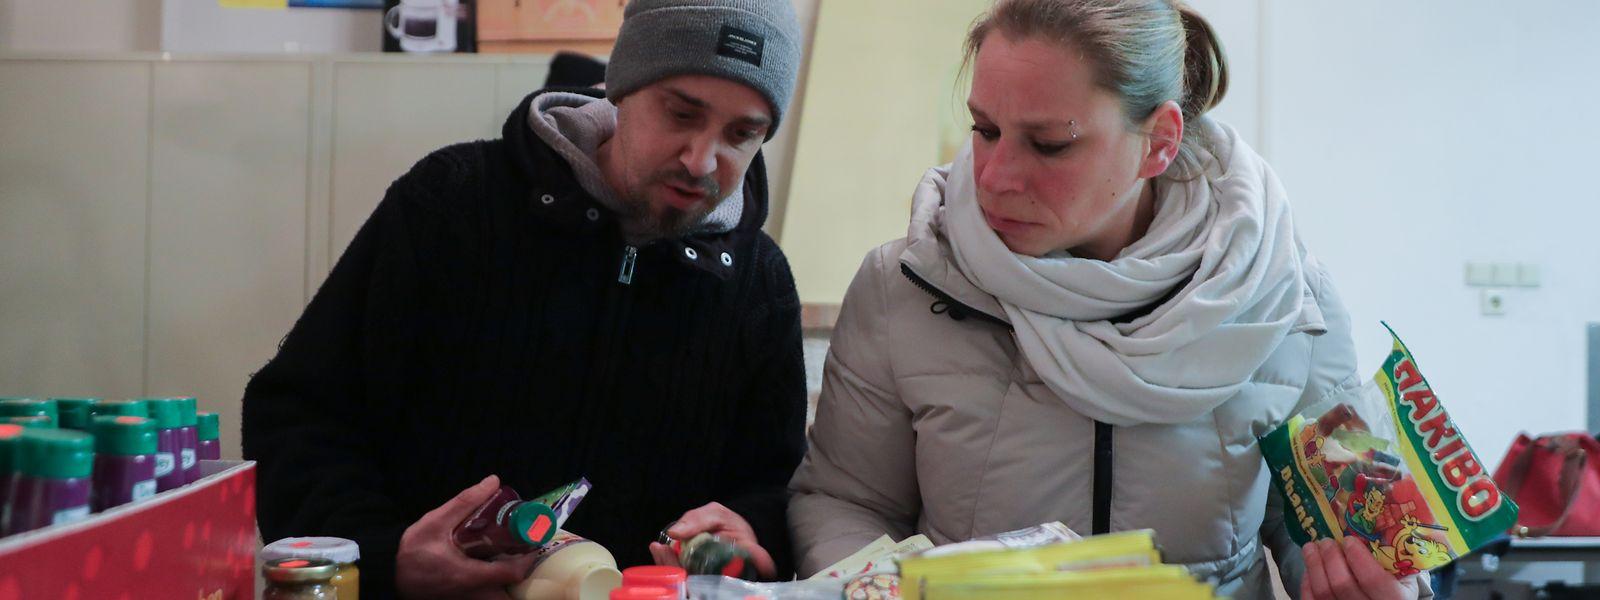 Sven und Fabienne decken sich mit Lebensmitteln ein. Sie finden es großartig, dass die Waren nicht weggeworfen werden.